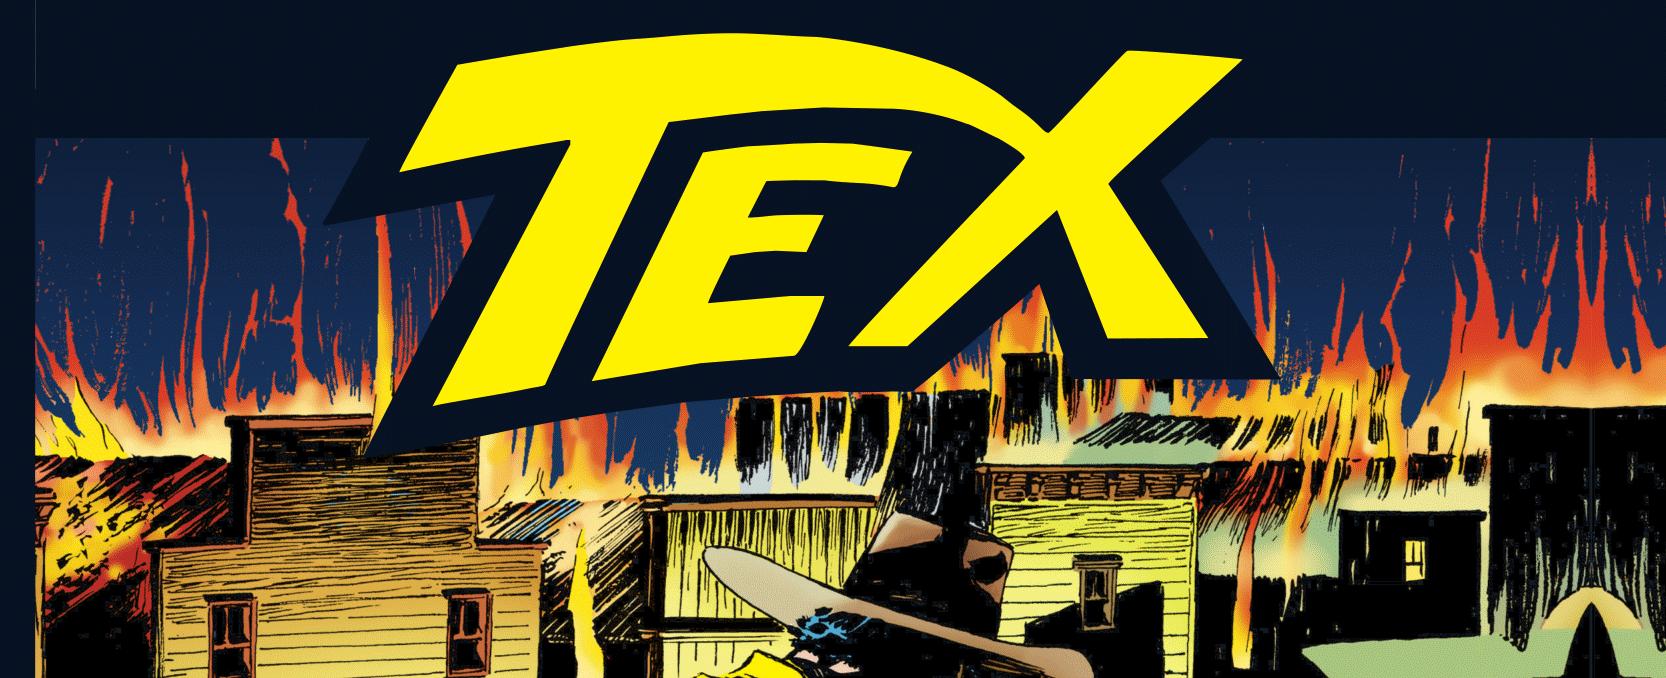 Tex - A Pista dos Fora-da-Lei